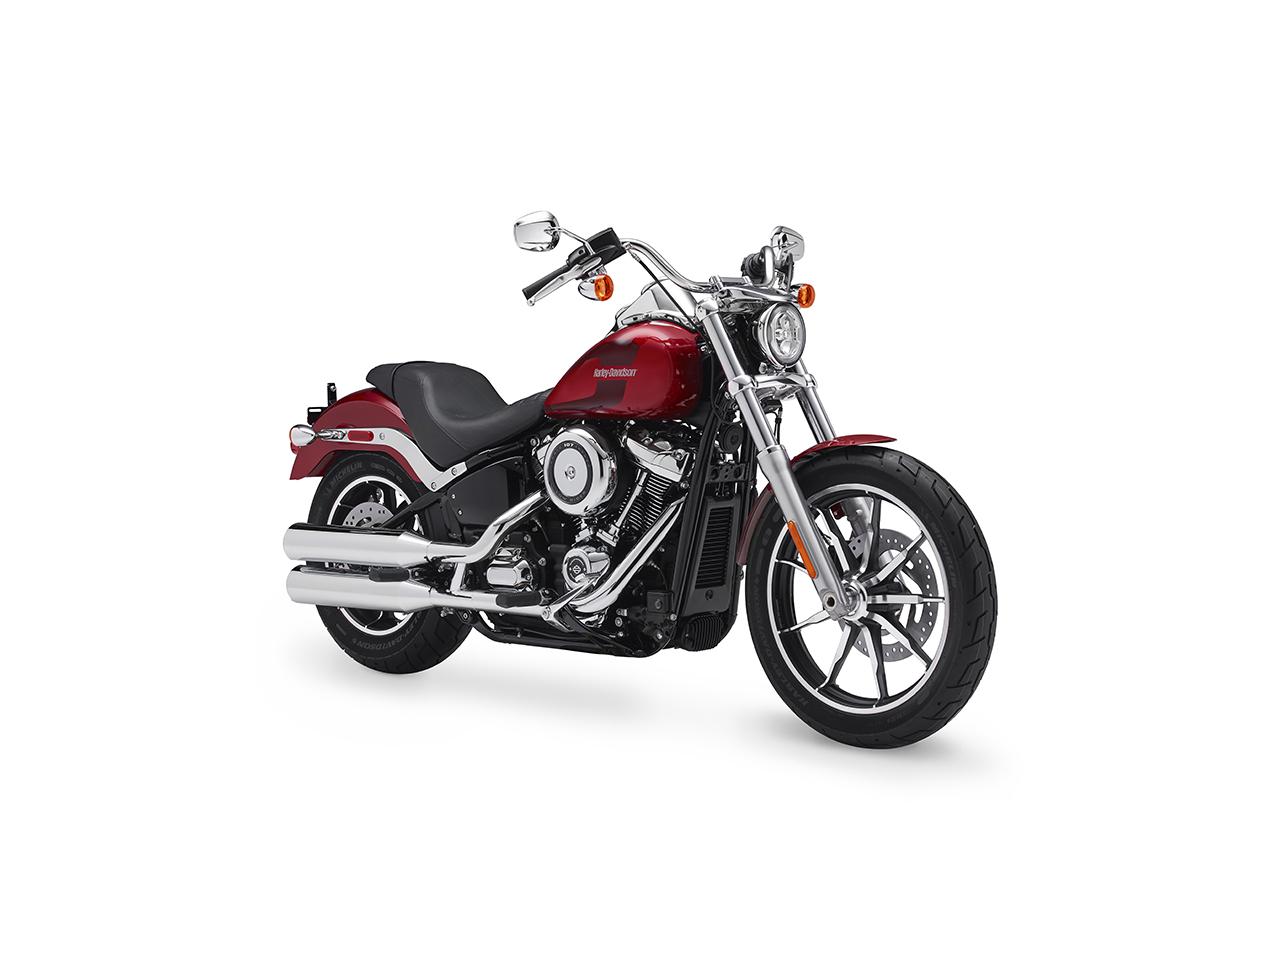 2018 Harley-Davidson Low Rider Image